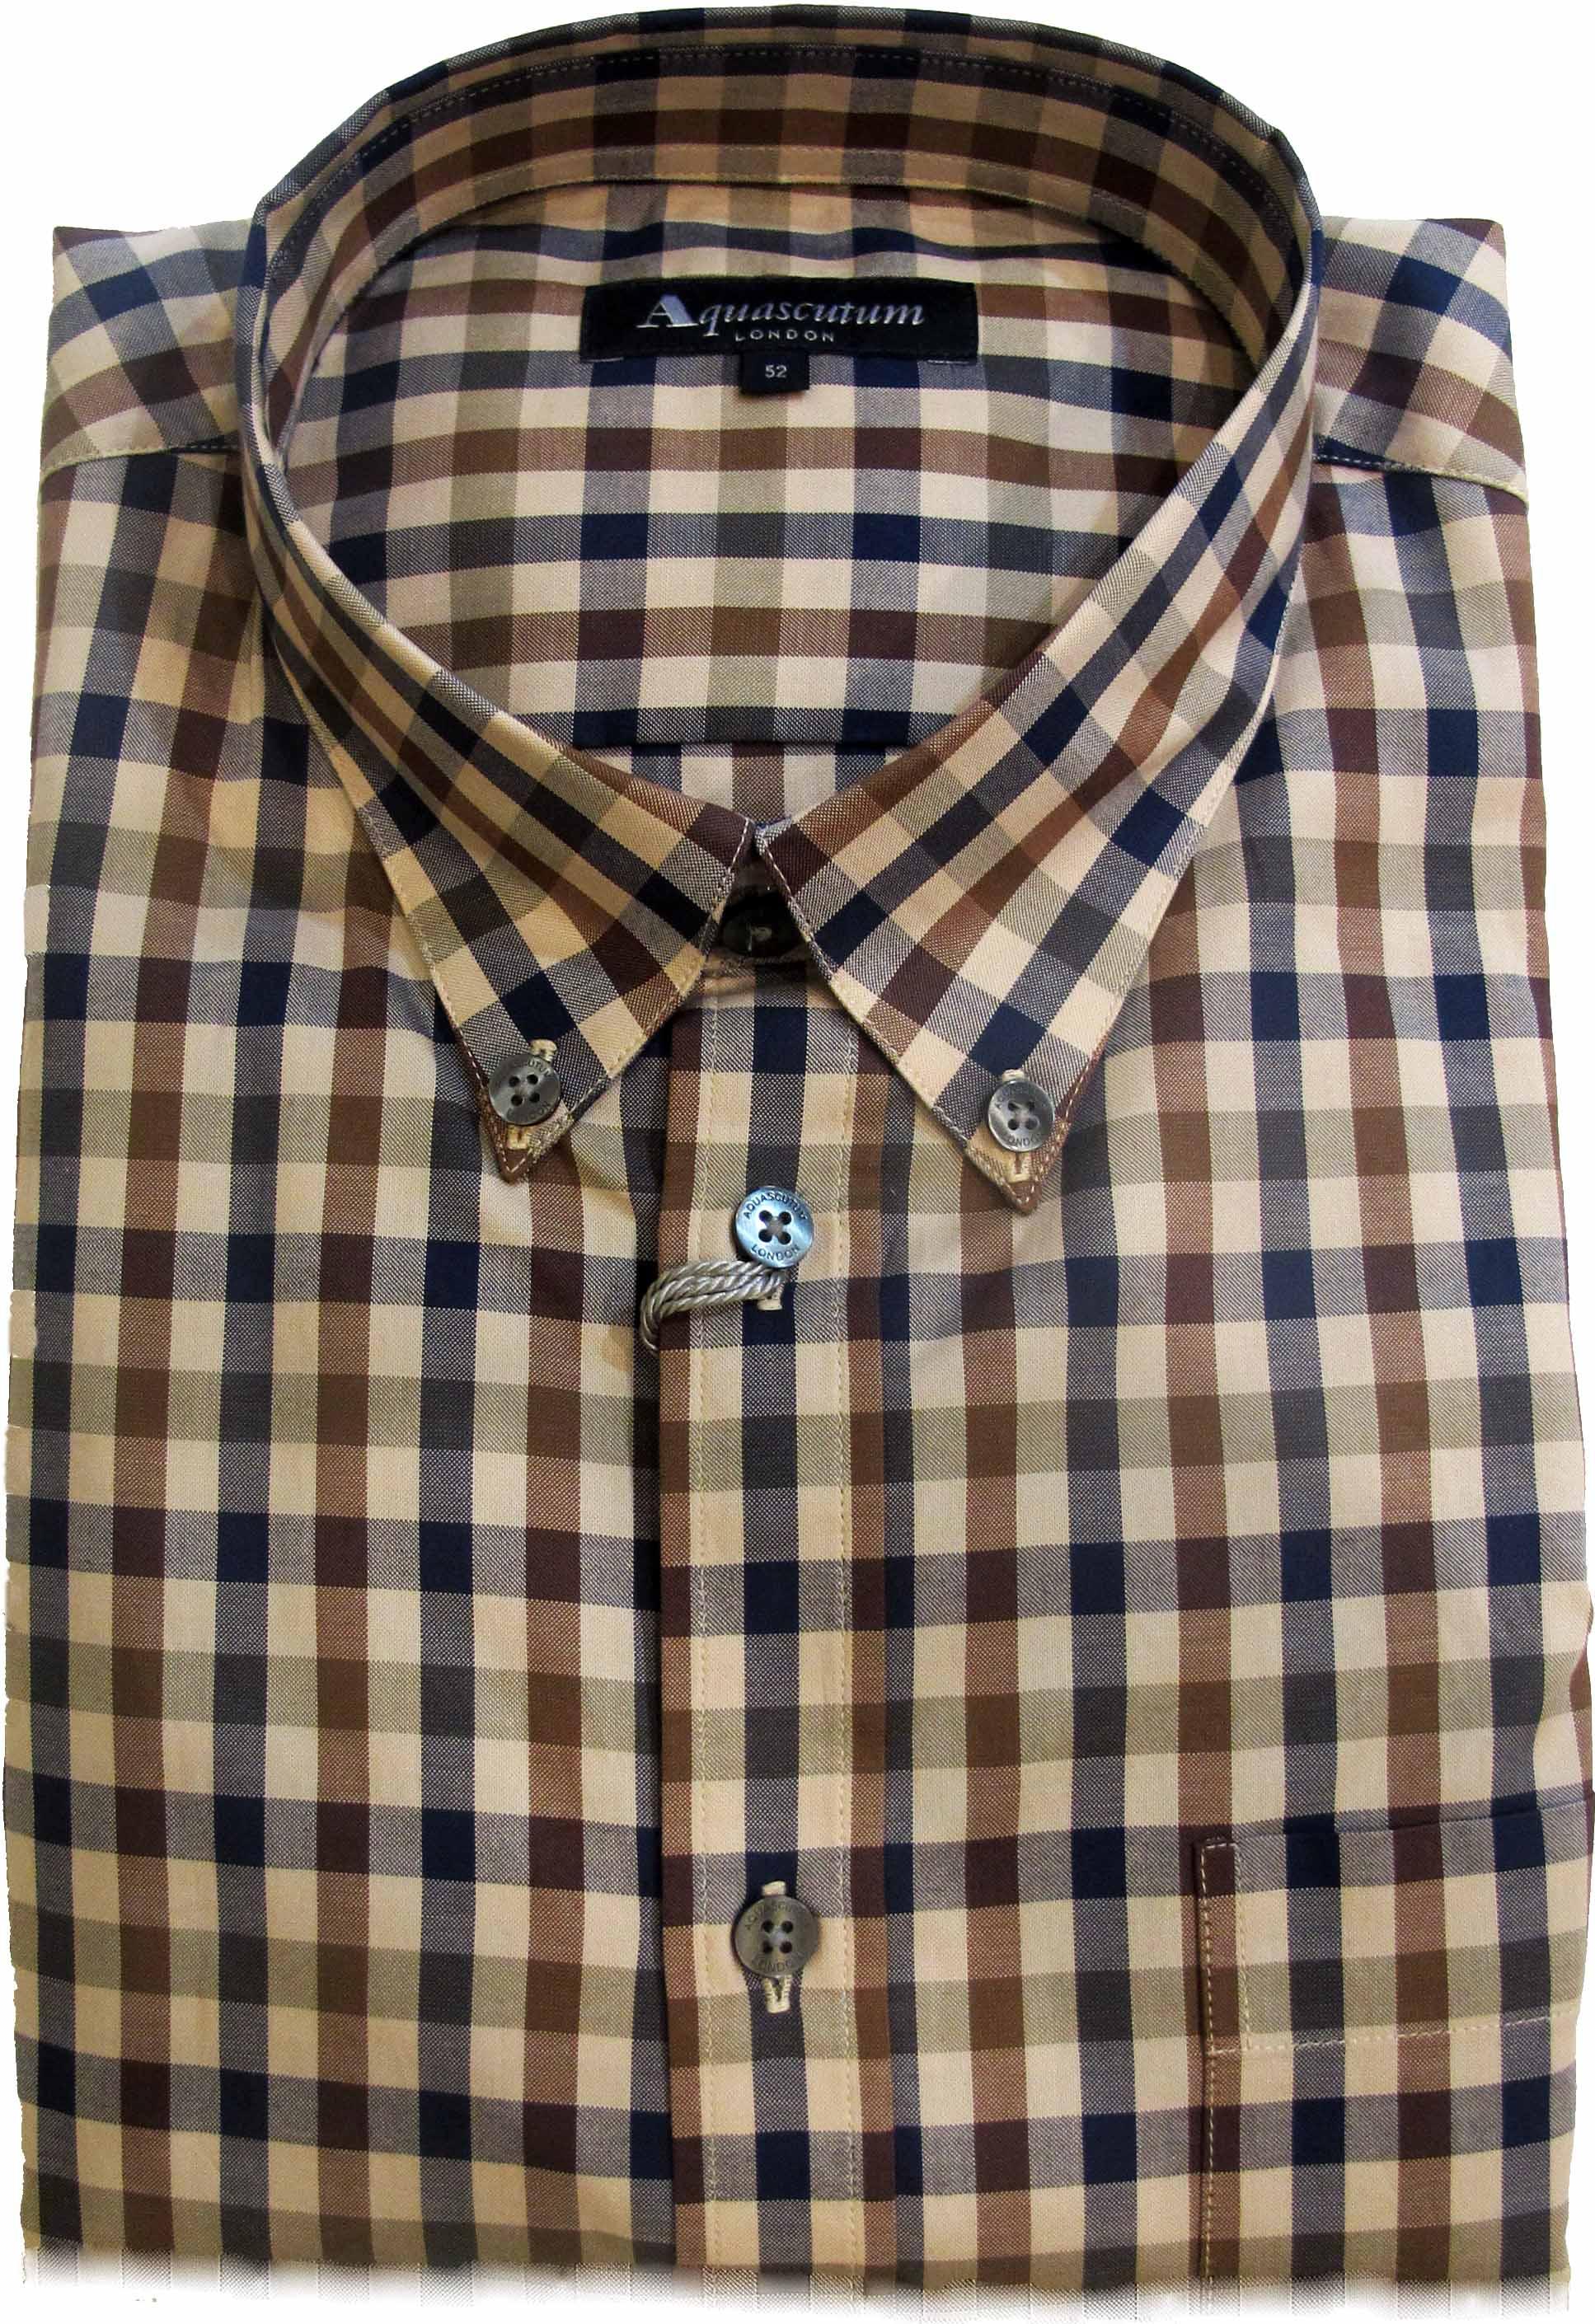 Camicia Aquascutum Clubcheck Abbigliamento Negozio Roma - Cerruti ... d4610125688